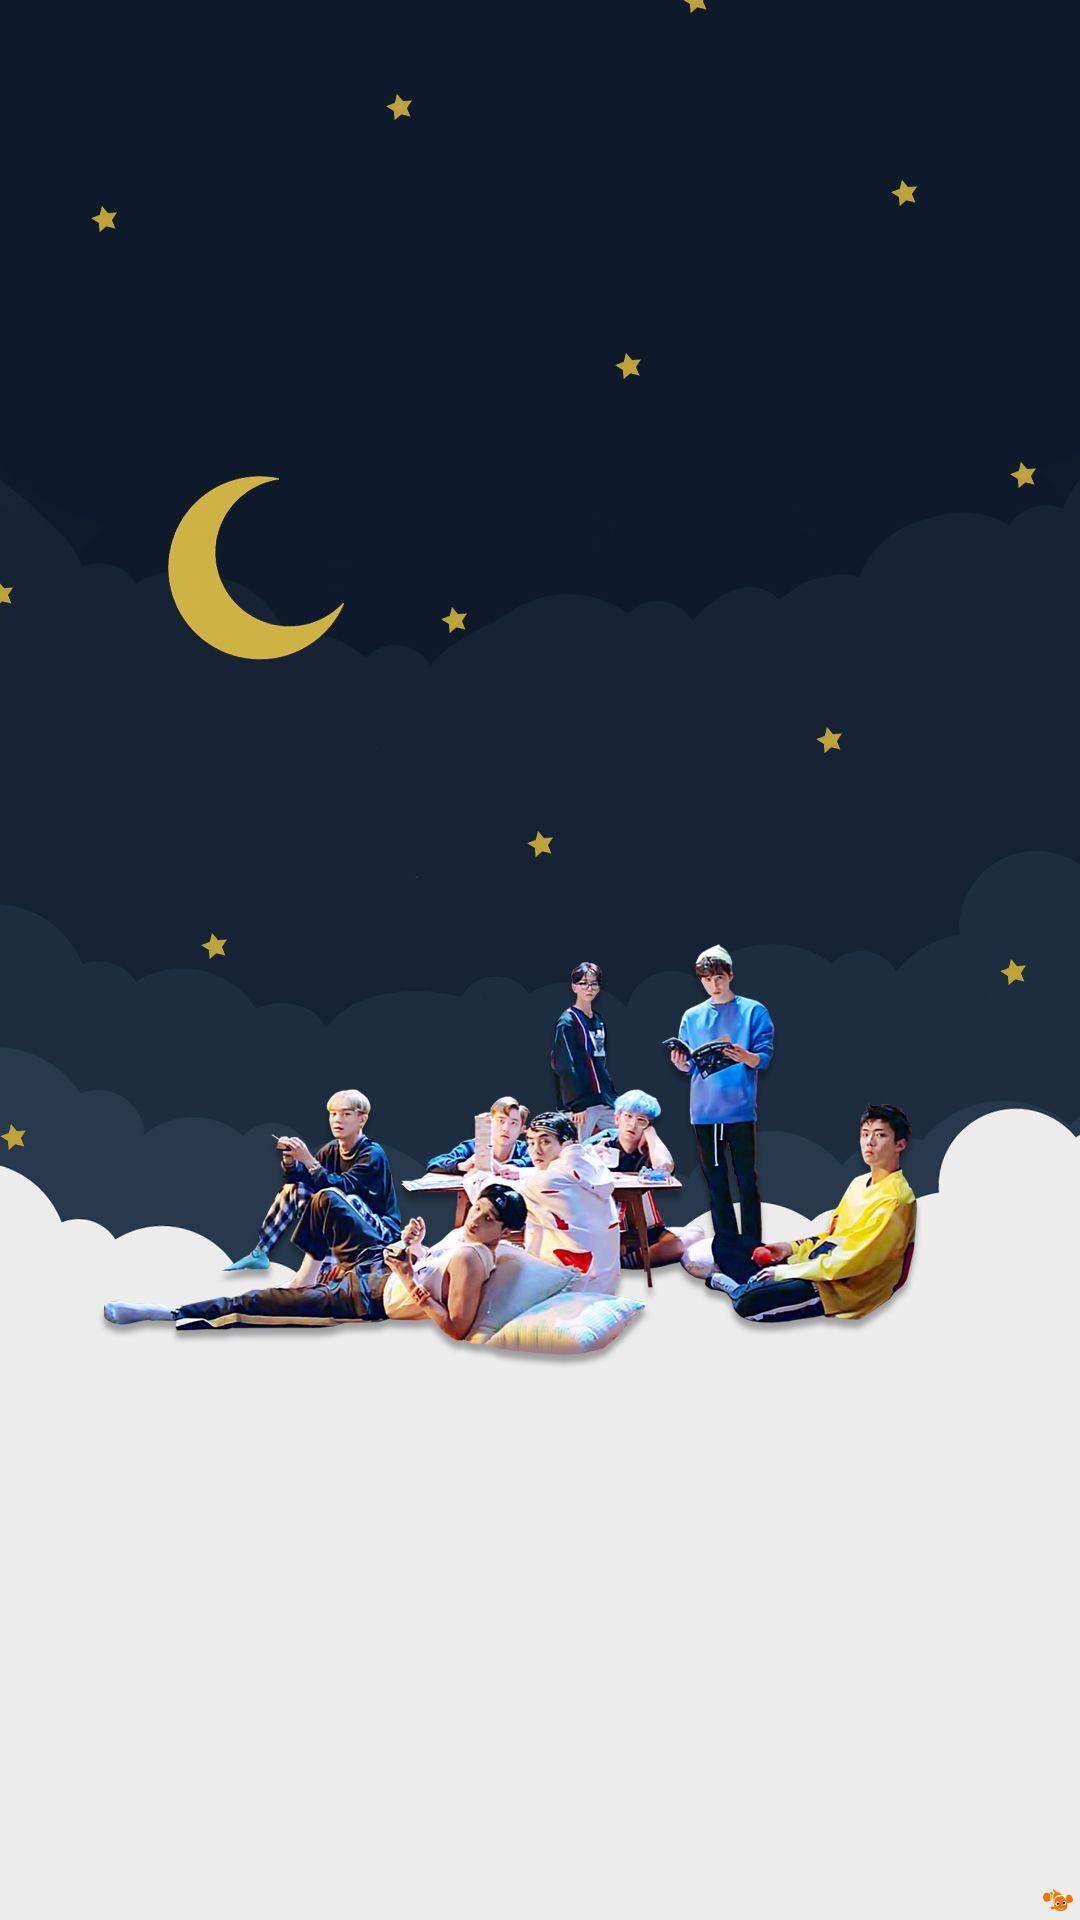 iphone wallpapers exo exo chanyeol life kpop celebrities originals backgrounds war